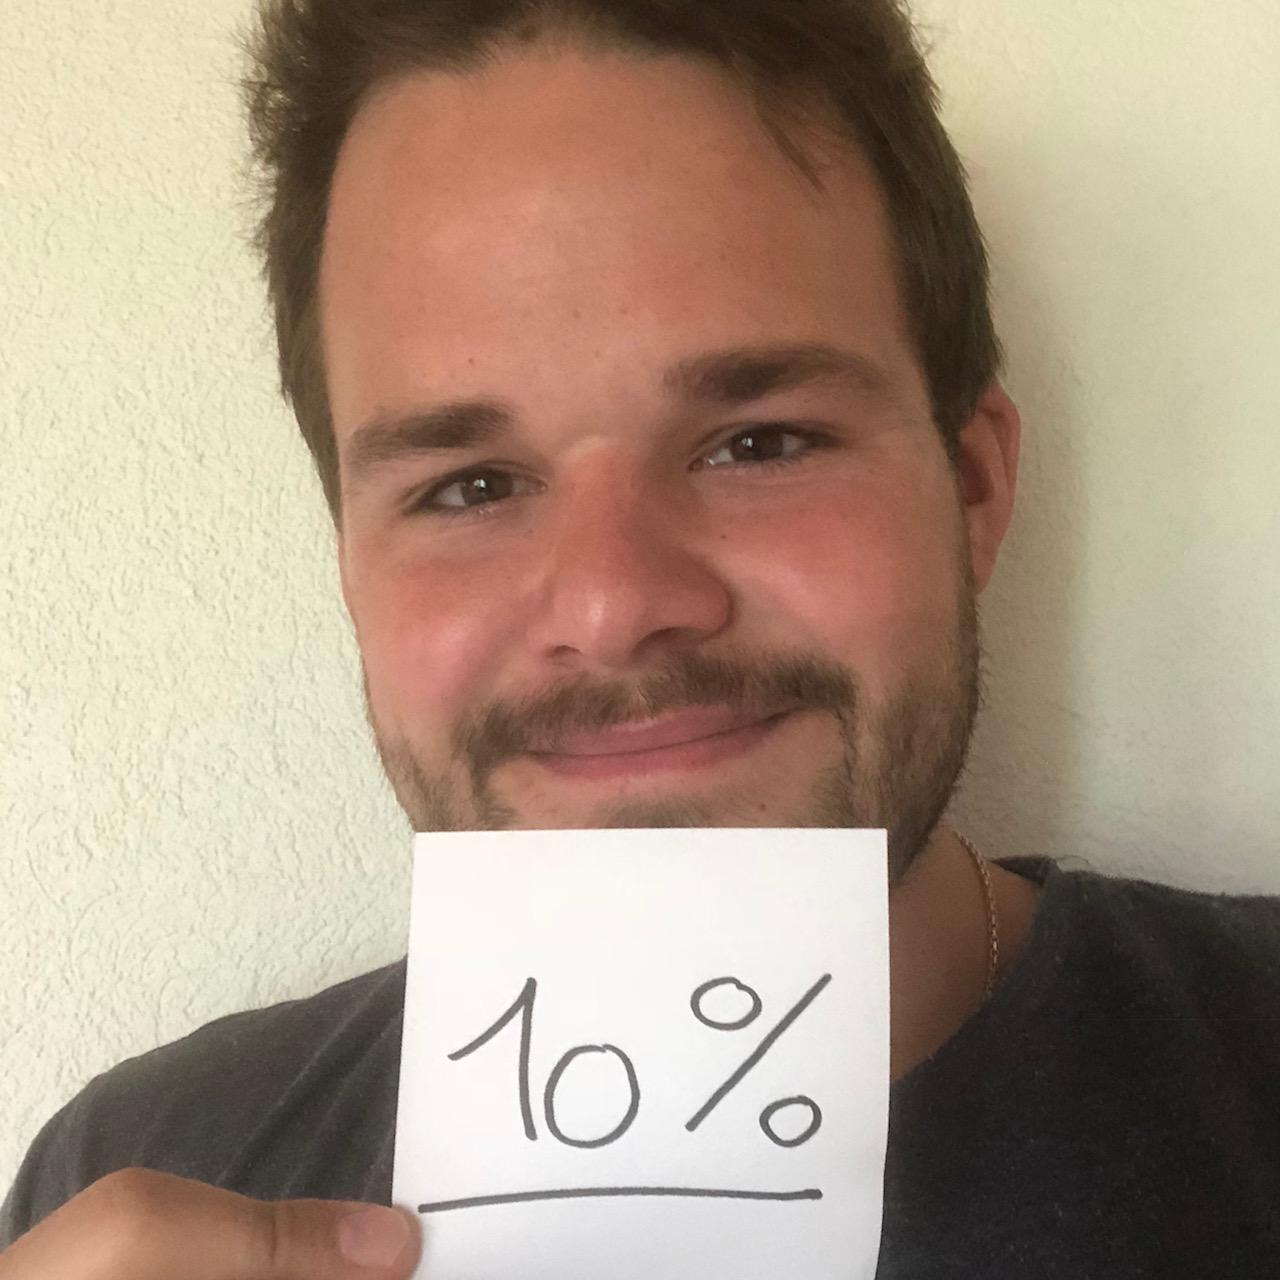 10% sind erreicht!